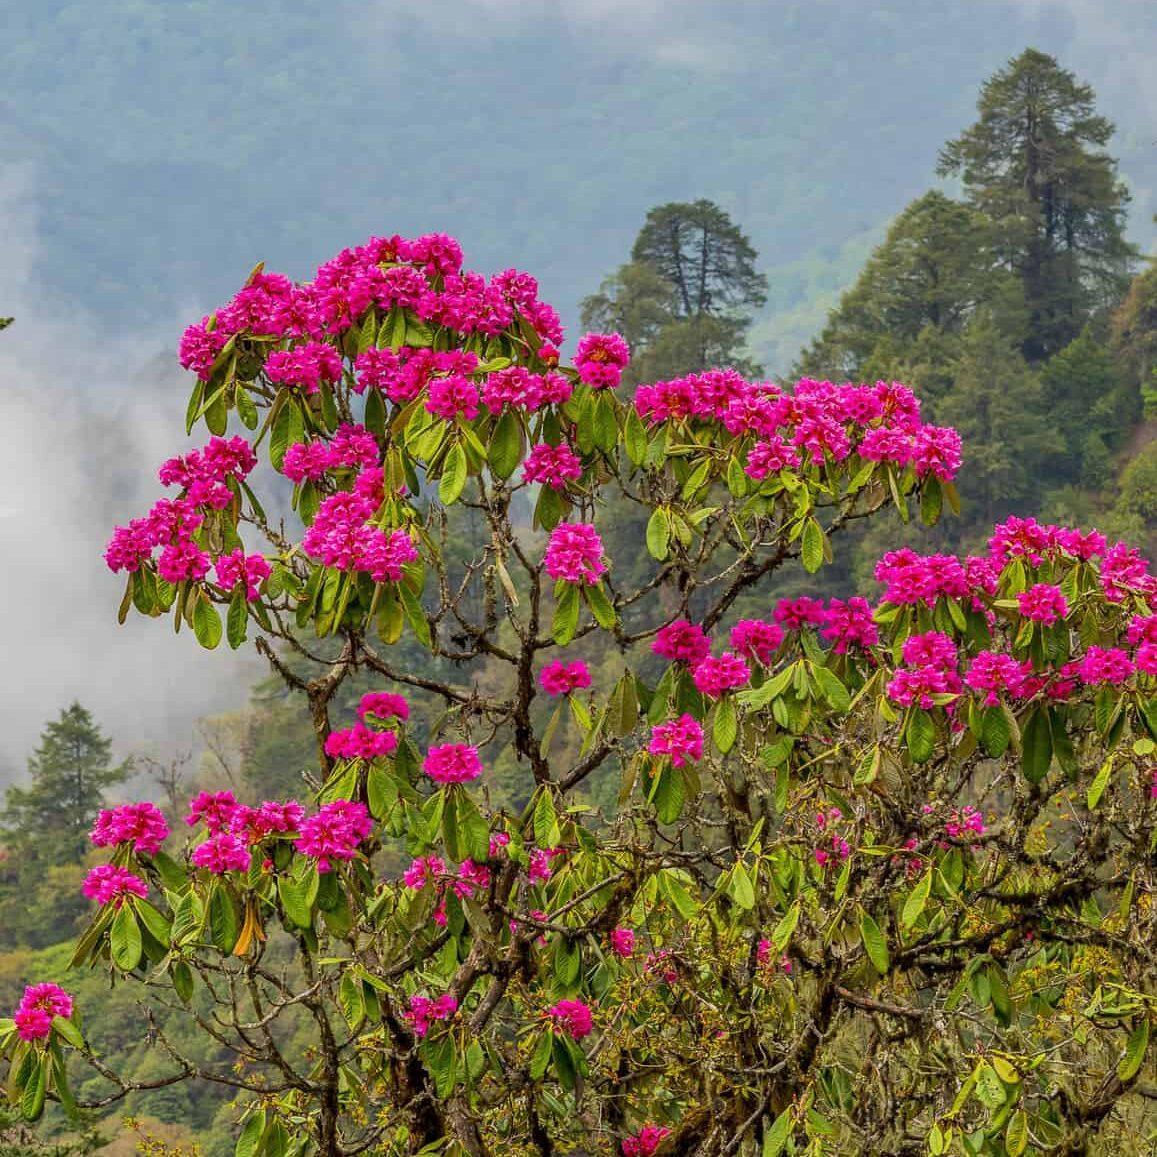 Beautiful pink flower in Bhutan landscape